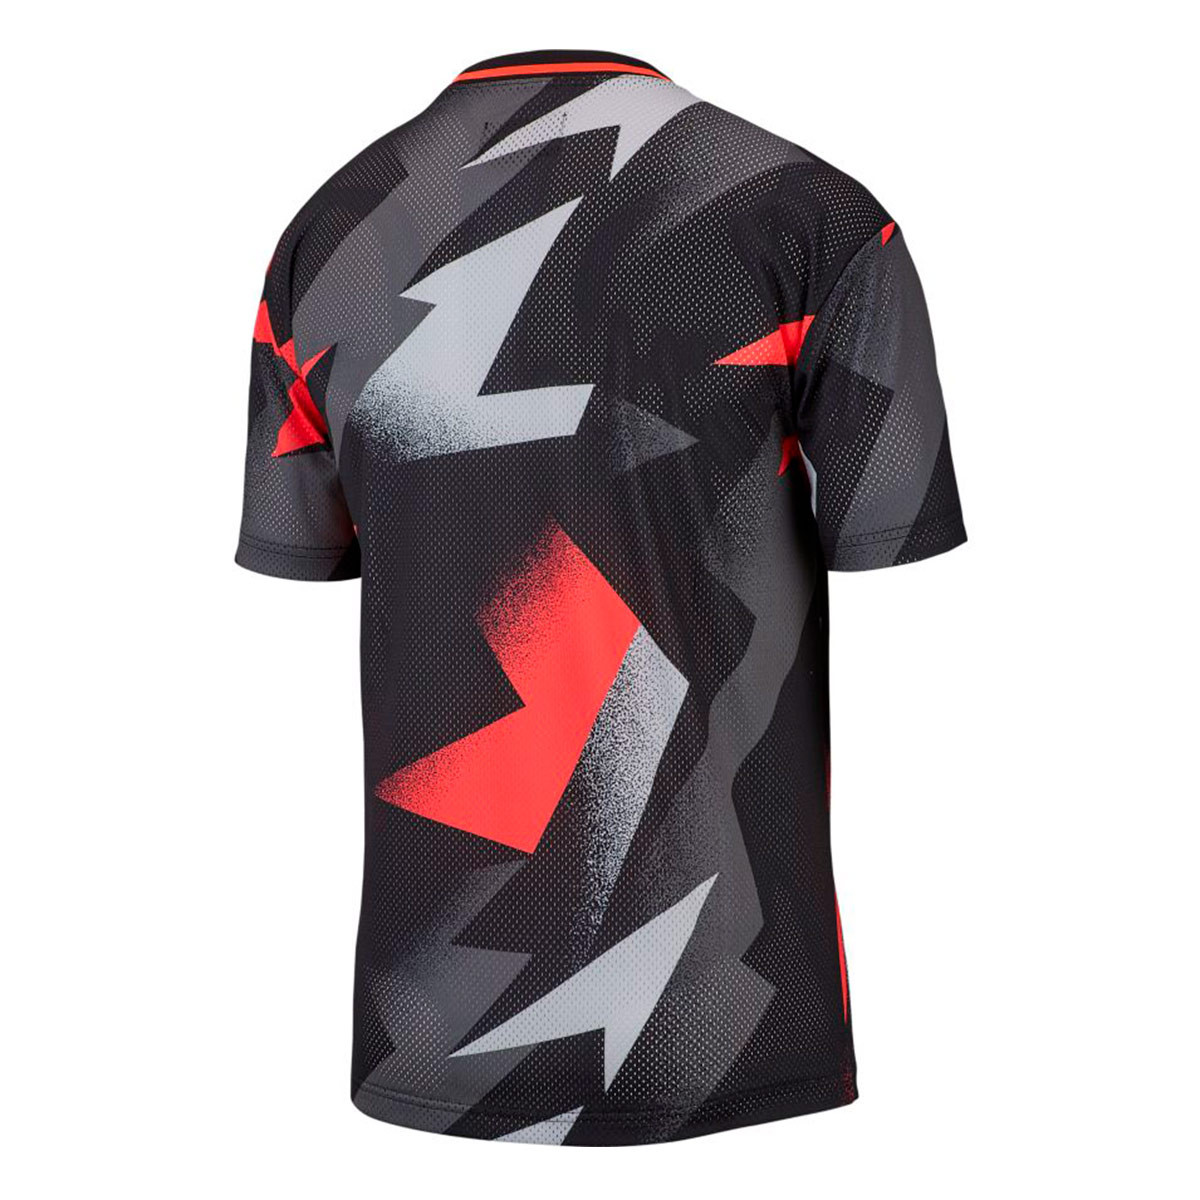 super popular 15aff dee49 Nike Paris Saint-Germain Jordan Mesh 2019-2020 Jersey